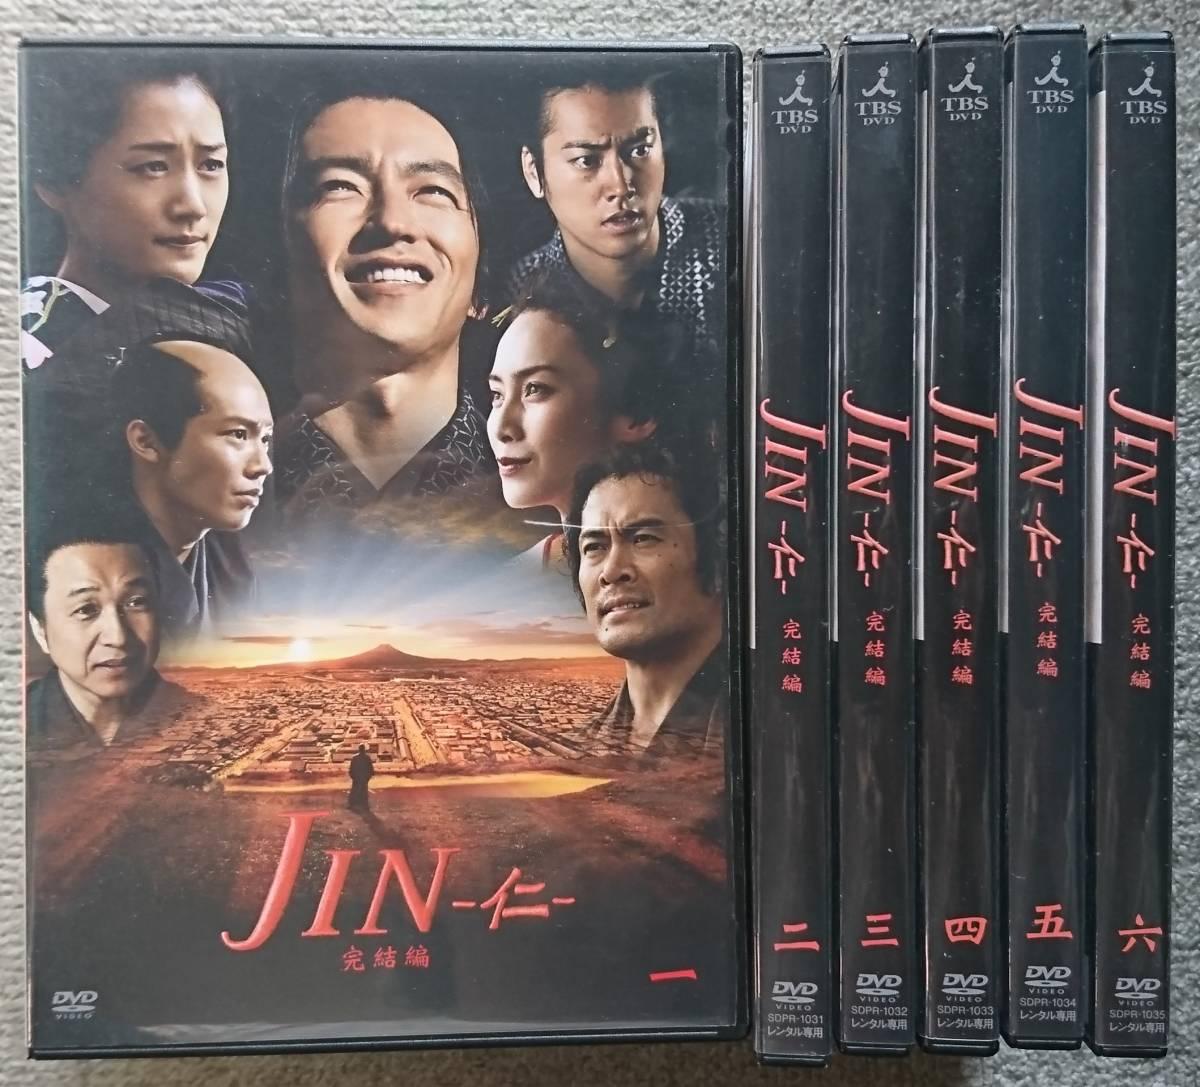 【レンタル版DVD】JIN 仁 完結編 全6巻 大沢たかお 綾瀬はるか